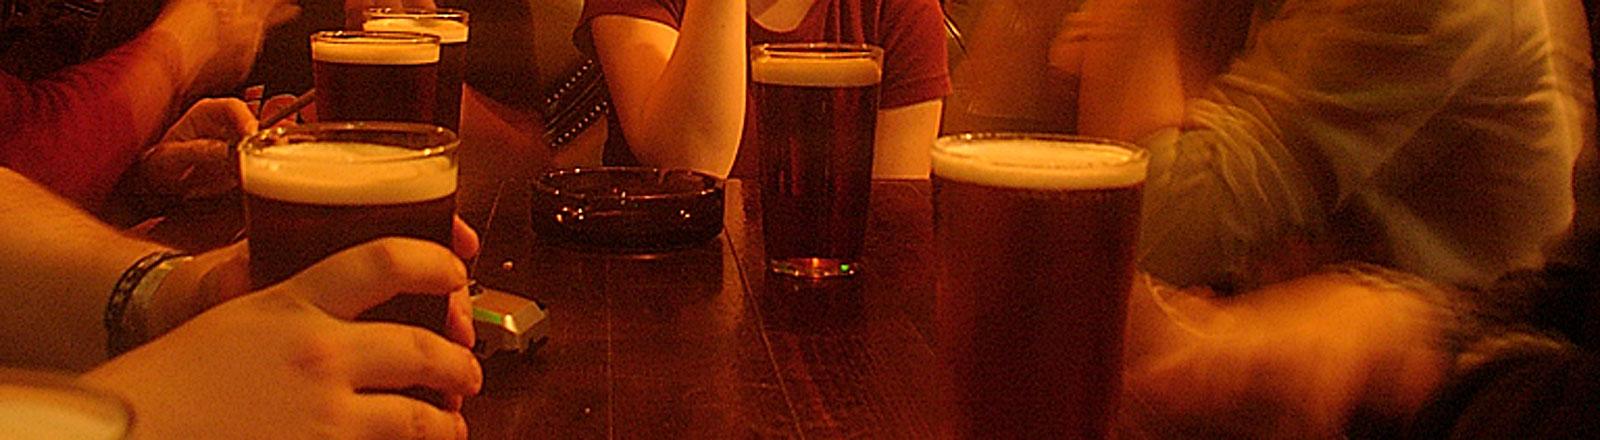 Biergläser in einer Kneipe am Tisch mit Jugendlichen